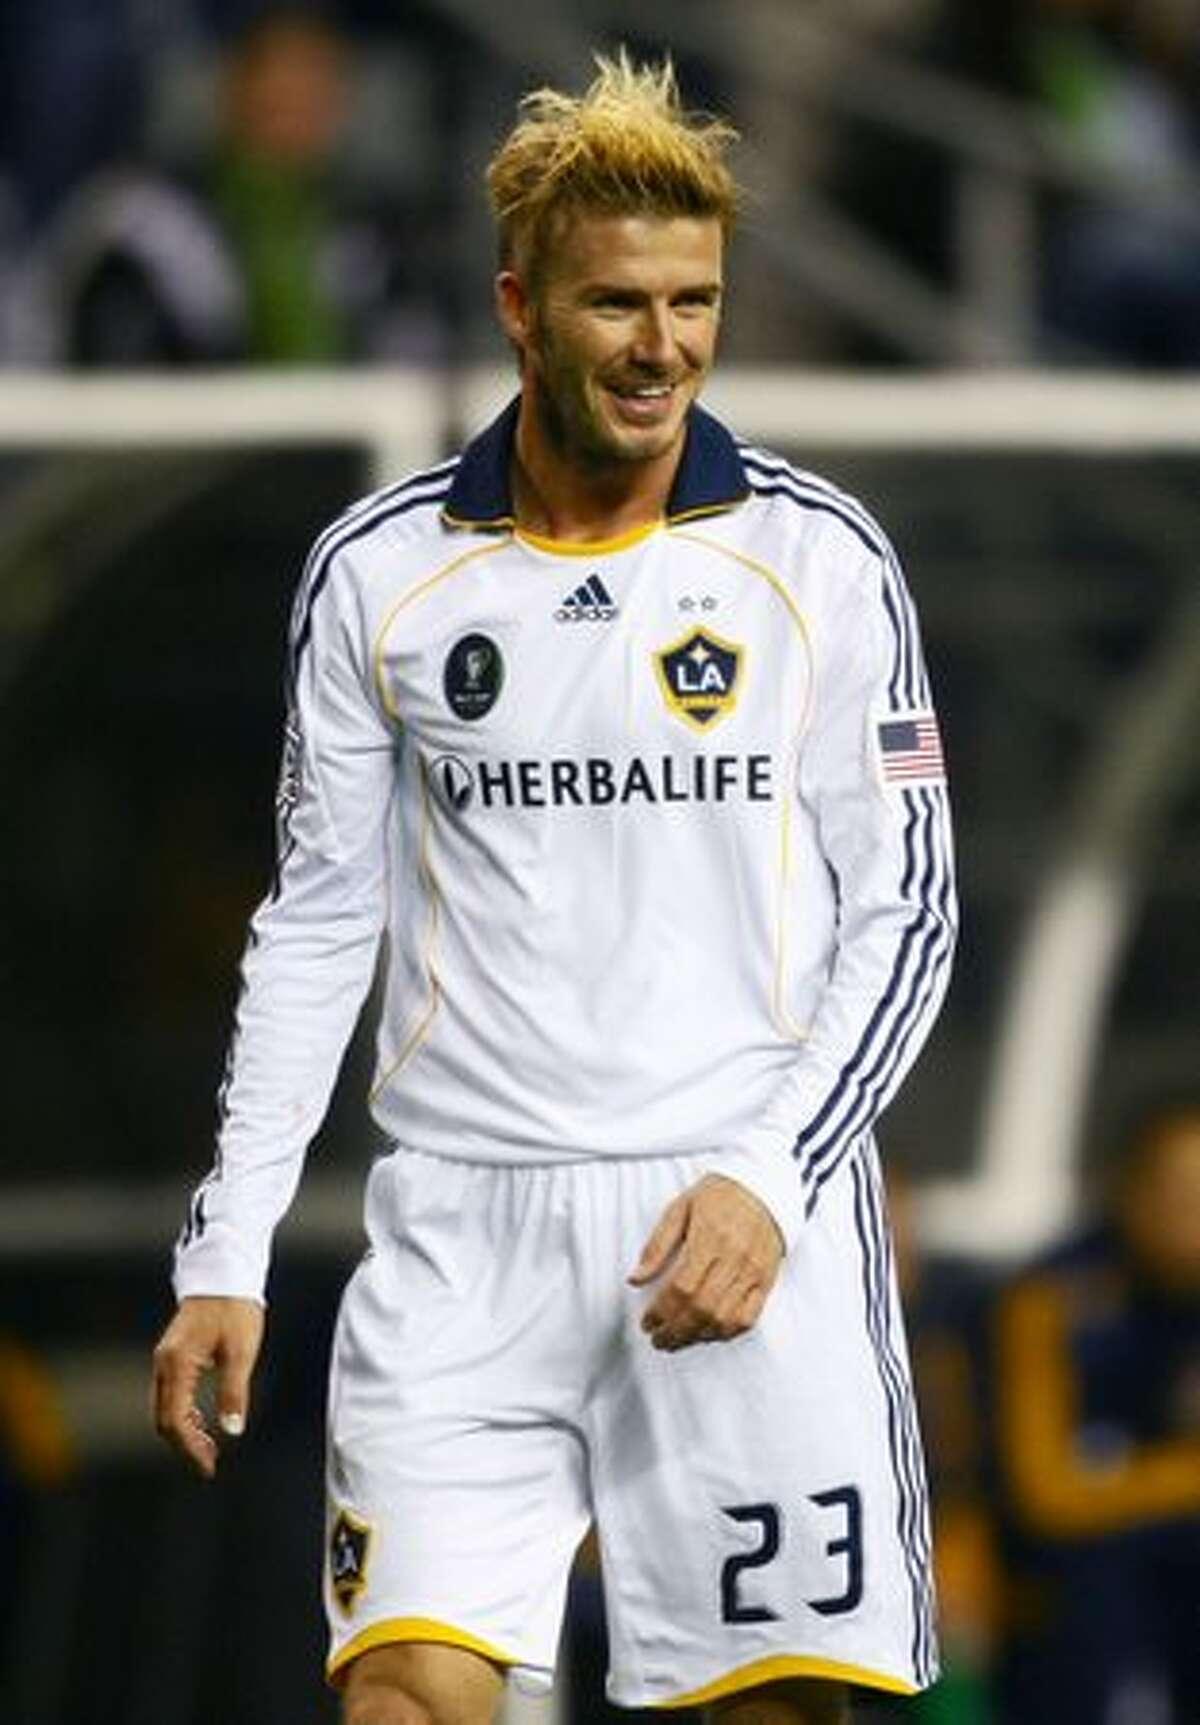 L.A. Galaxy star player David Beckham enjoys a lighter moment.